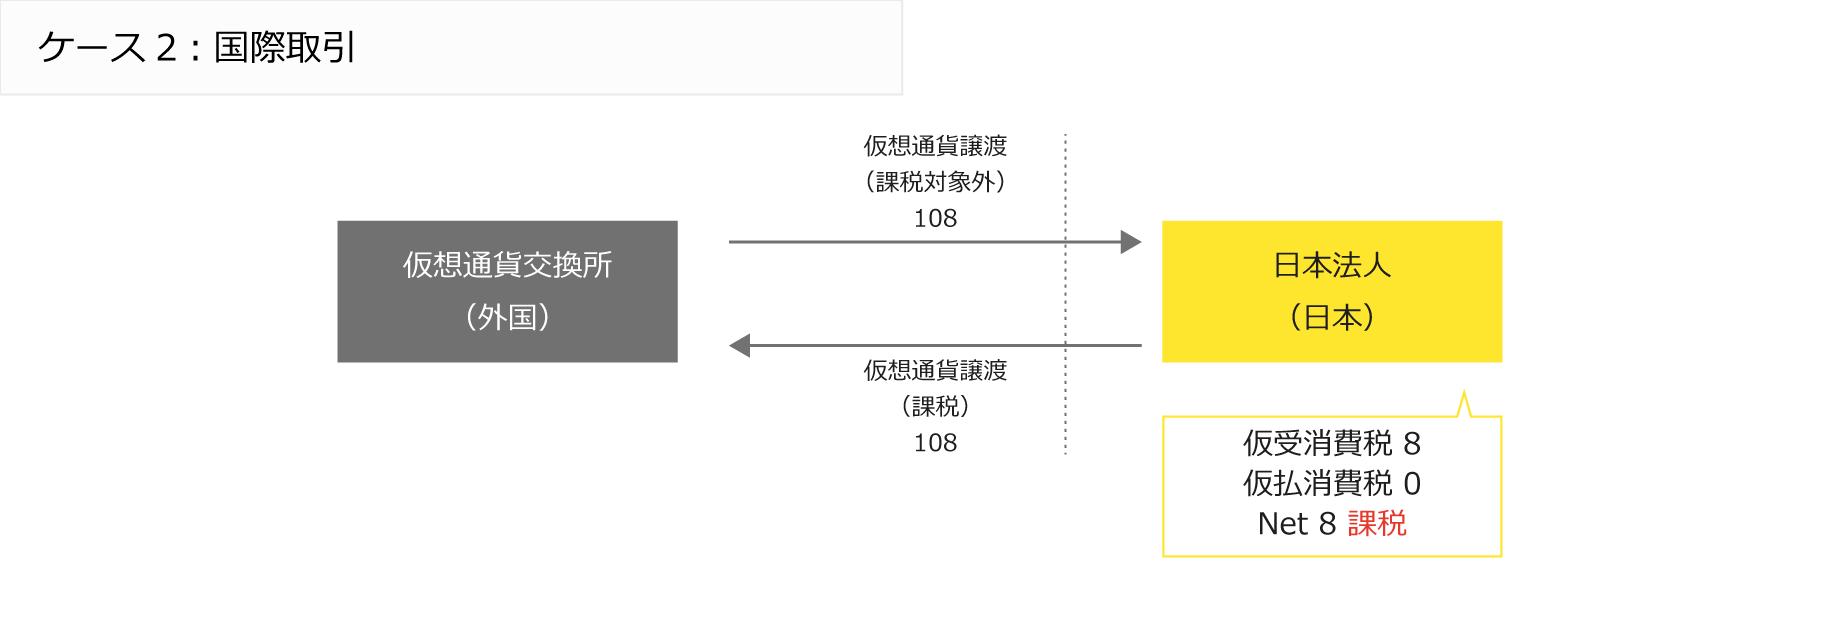 ケース2:国際取引/外国仮想通貨交換所と日本法人の間の仮想通過譲渡